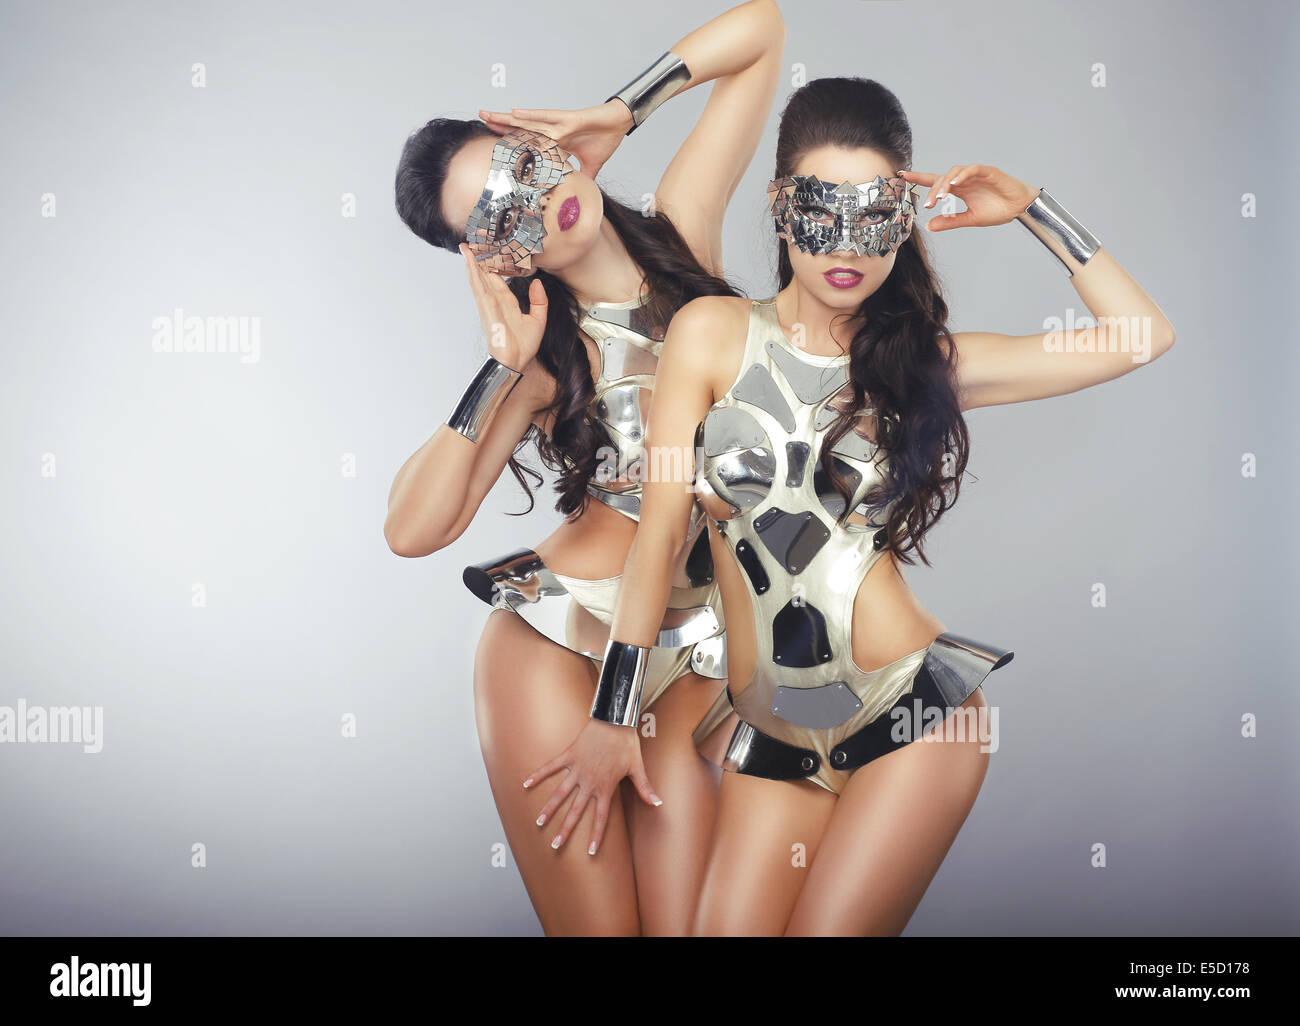 Vogue. Menschen in funkelnden kosmischen Cyber-Kostümen gestikulieren Stockbild